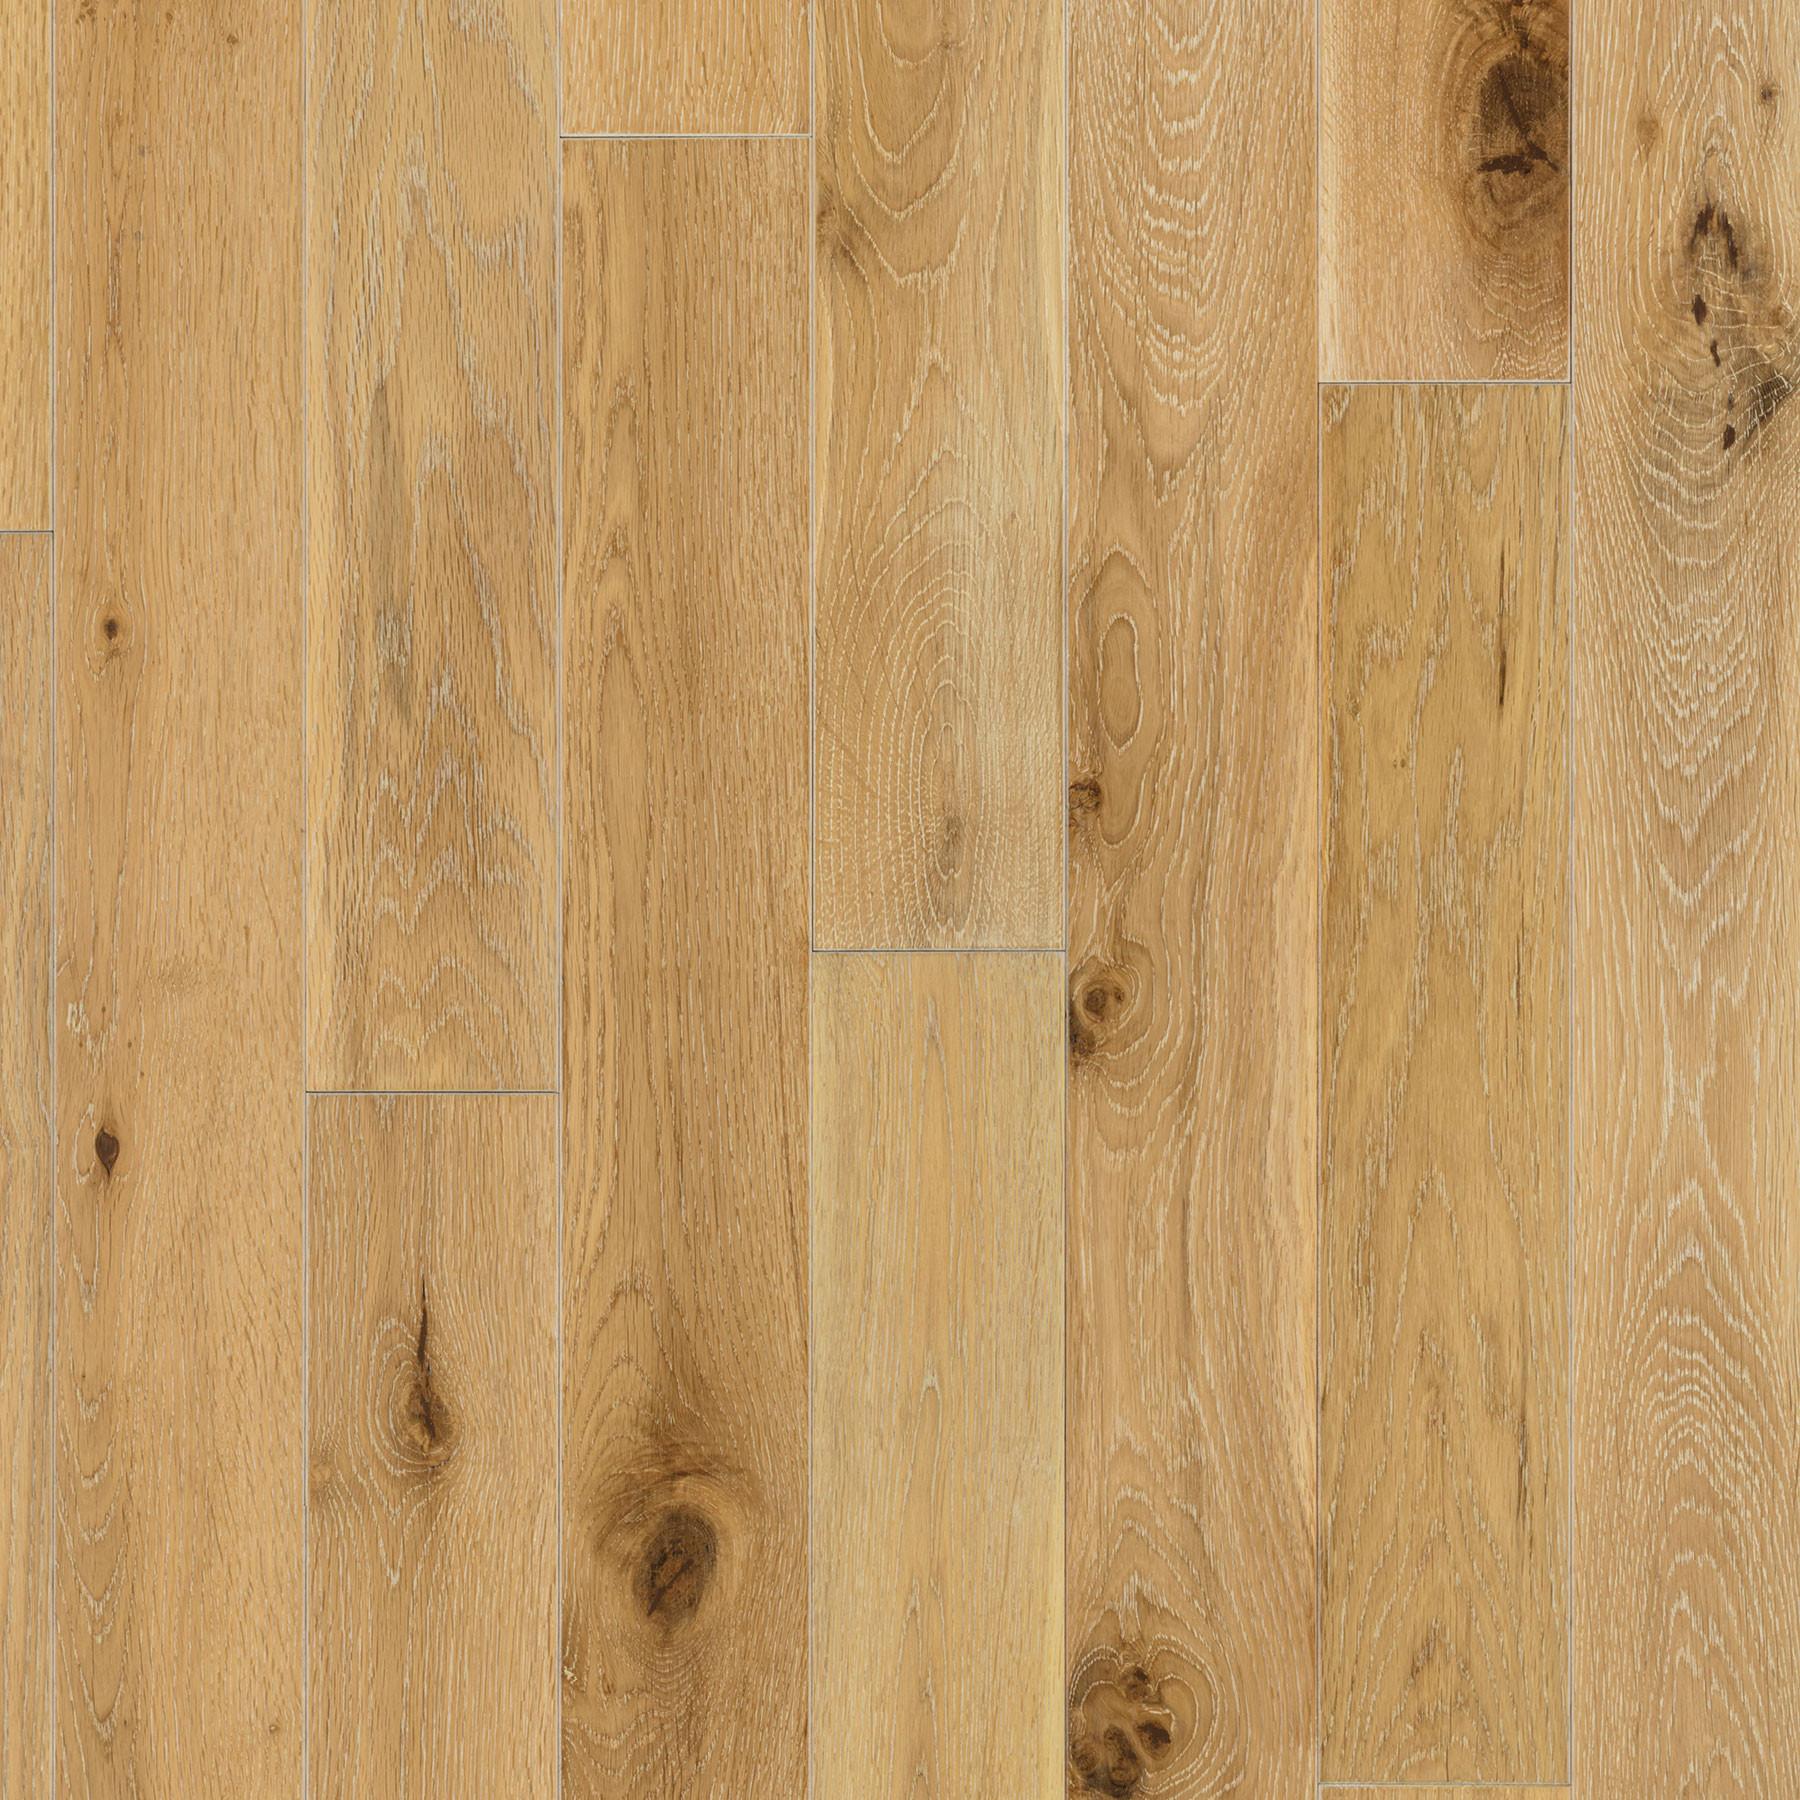 3 4 prefinished hardwood flooring of harbor oak 3 1 2″ white oak white washed etx surfaces intended for harbor oak 3 1 2″ white oak white washed